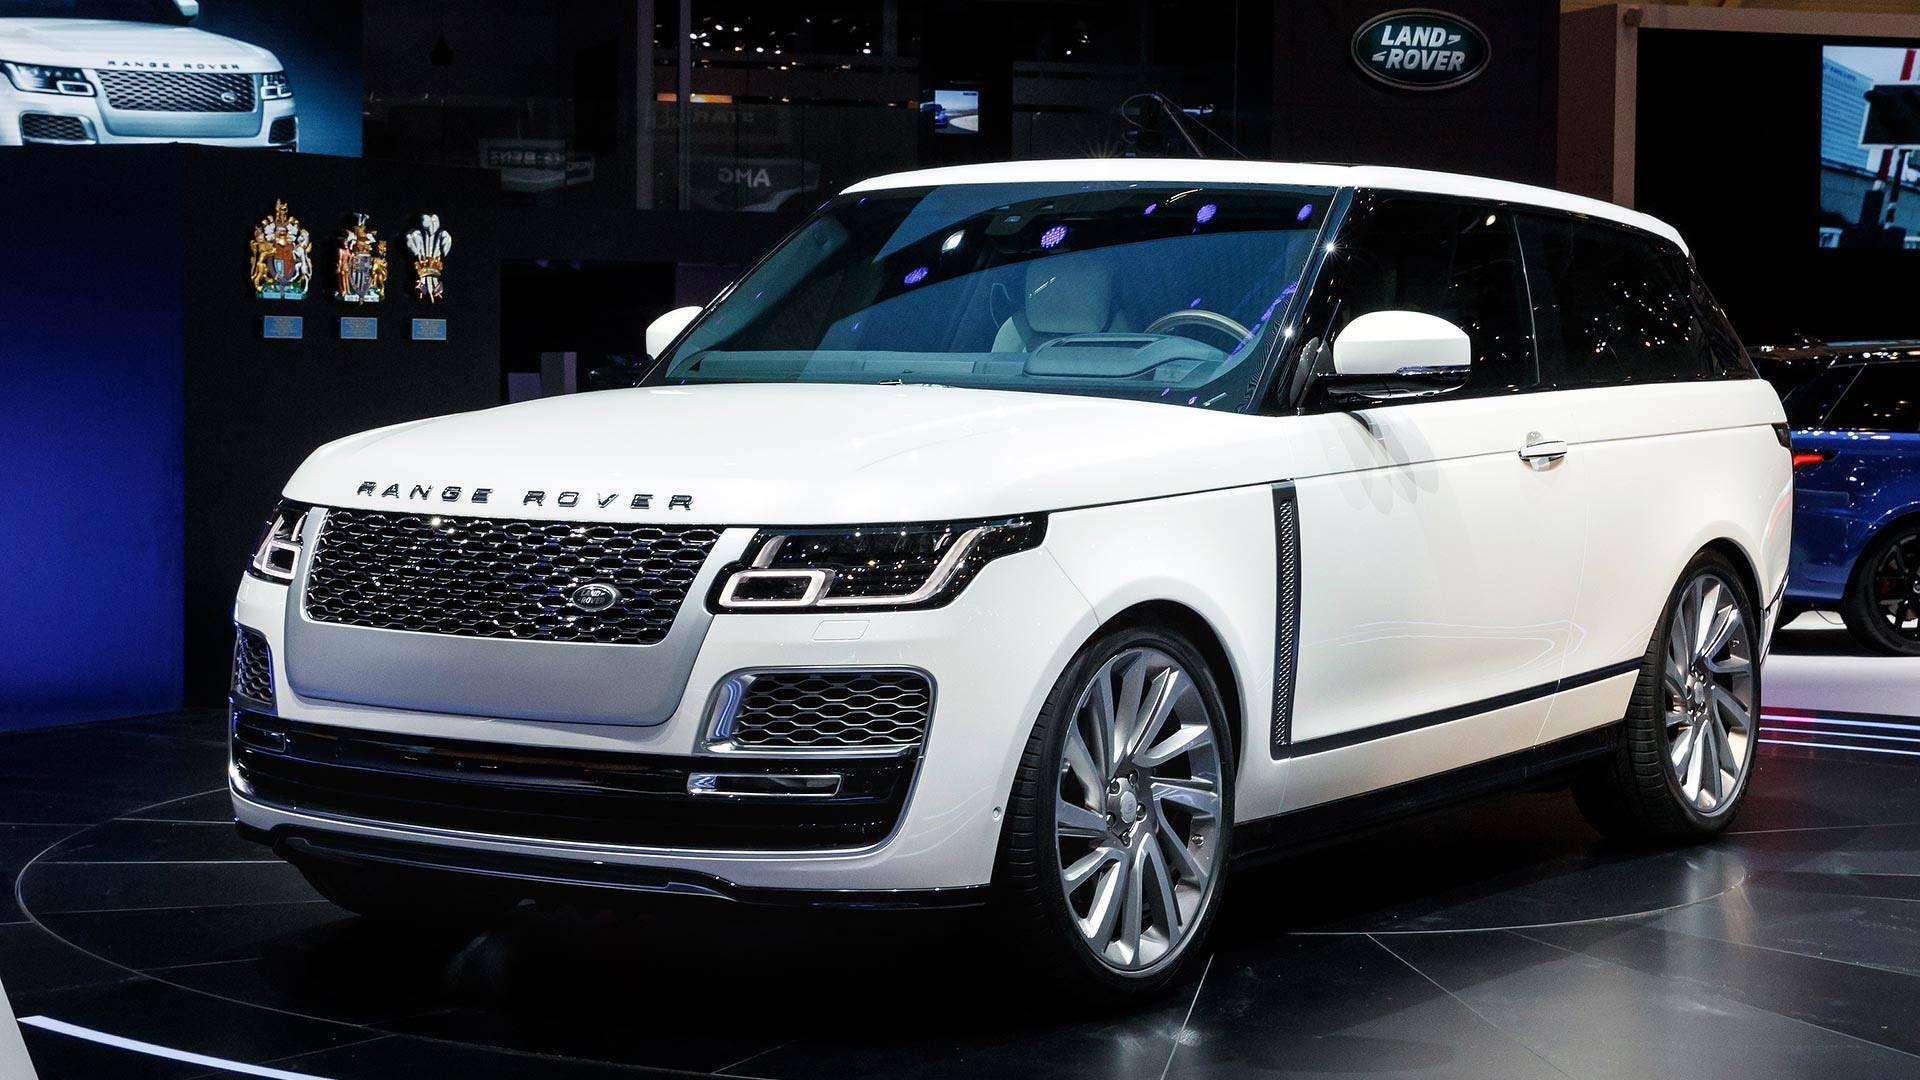 Britancii de la Land Rover au anuntat ca SV Coupe nu mai intra in productie